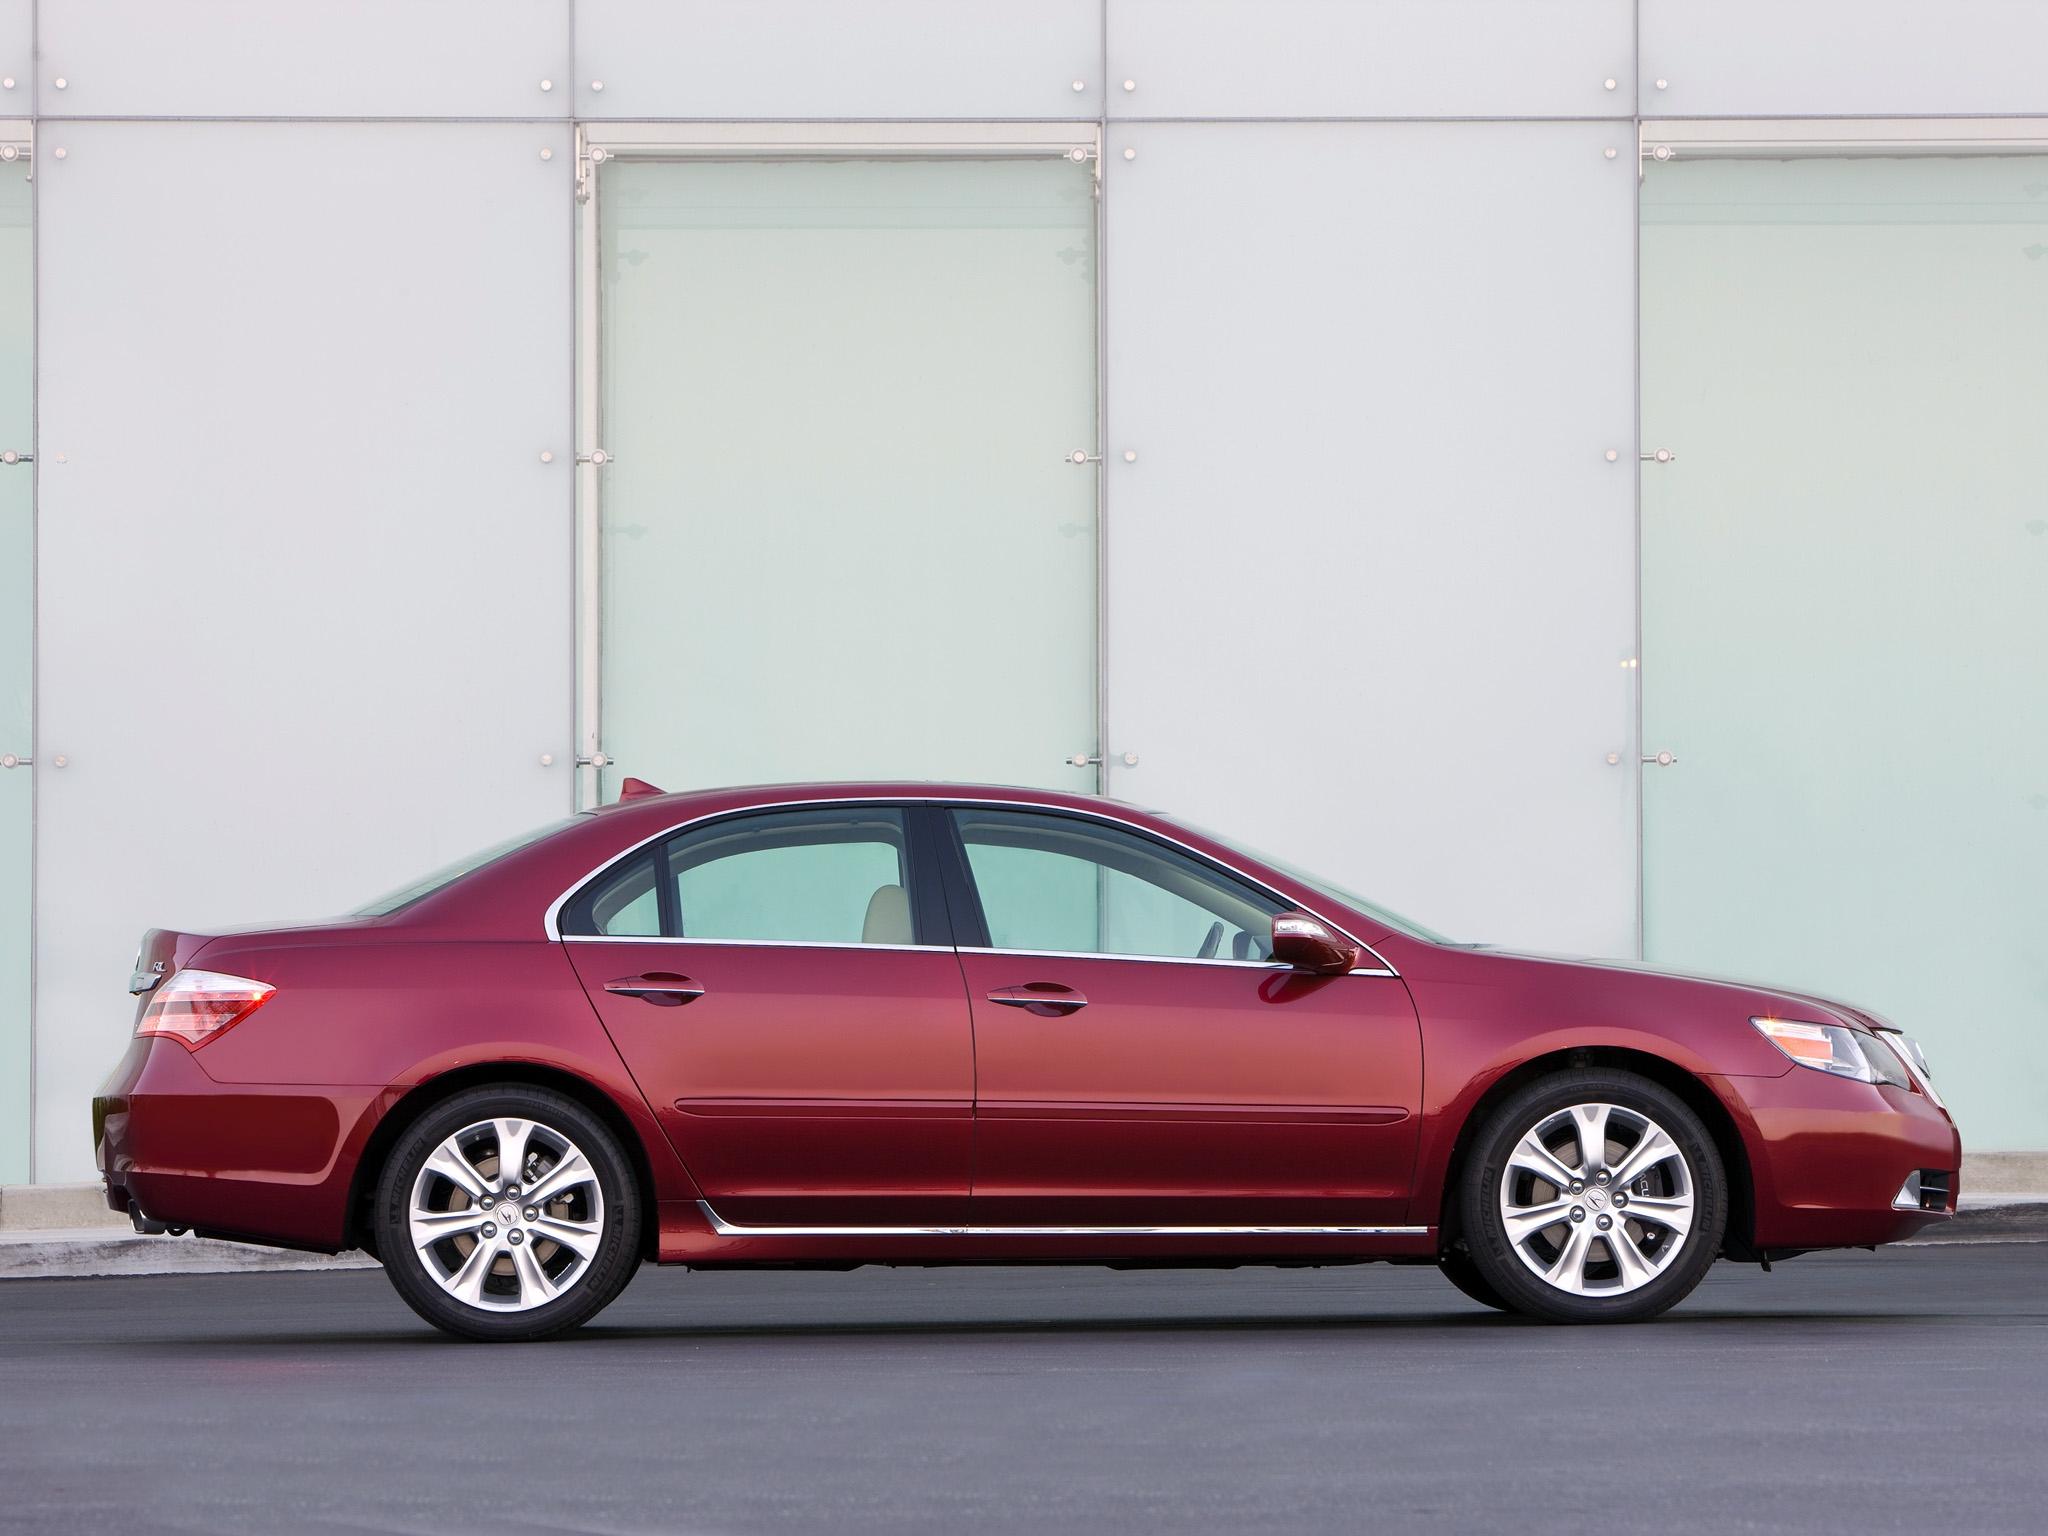 145149 скачать обои Тачки (Cars), Акура (Acura), Rl, Красный, Вид Сбоку, Акура, Машины, Стиль - заставки и картинки бесплатно